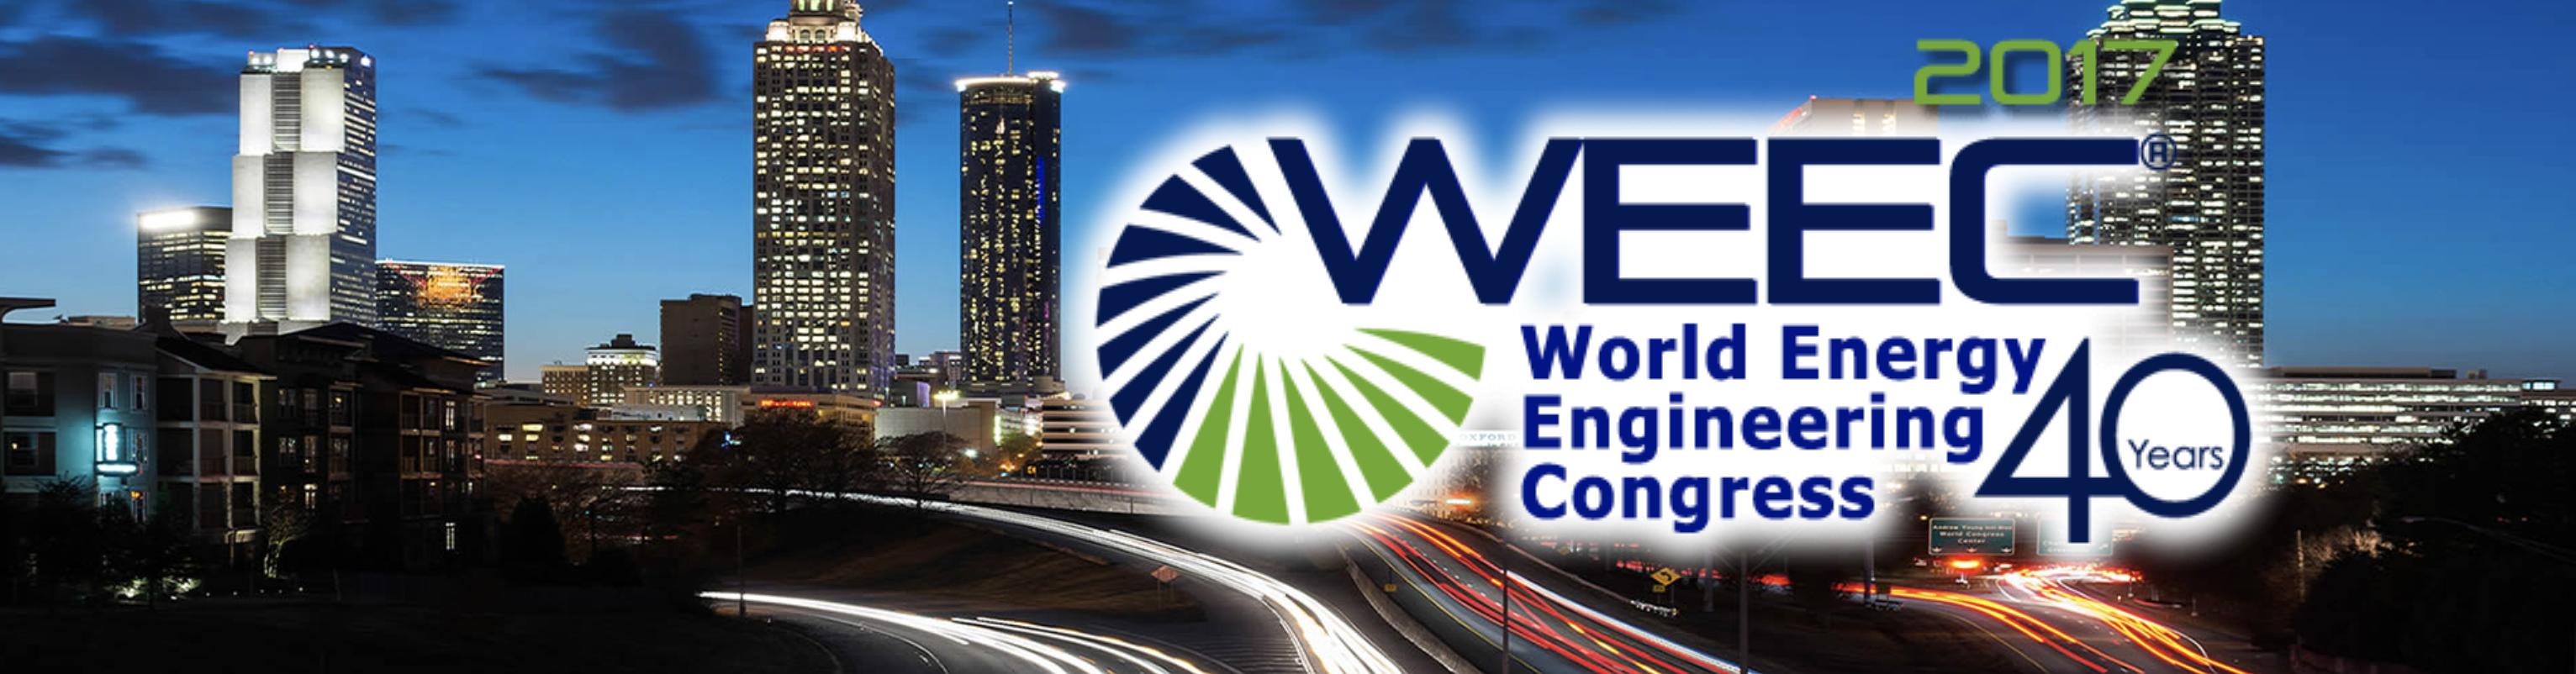 World Energy Engineering Congress (WEEC)